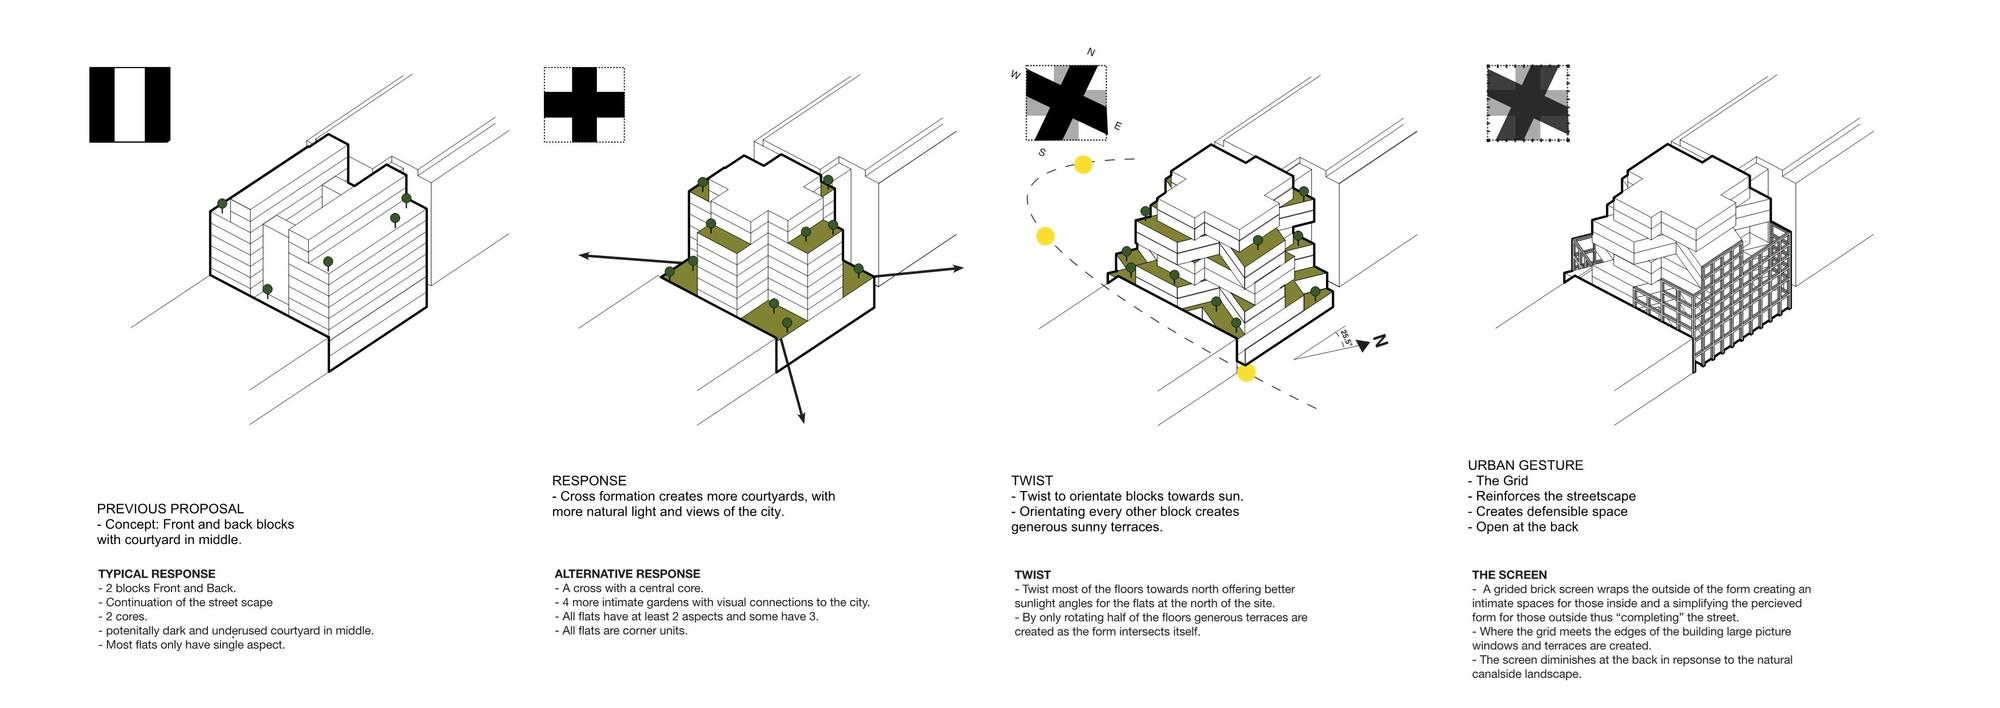 Galeria de proposta de desenvolvimento de uso misto para a for The concept of space in mamluk architecture